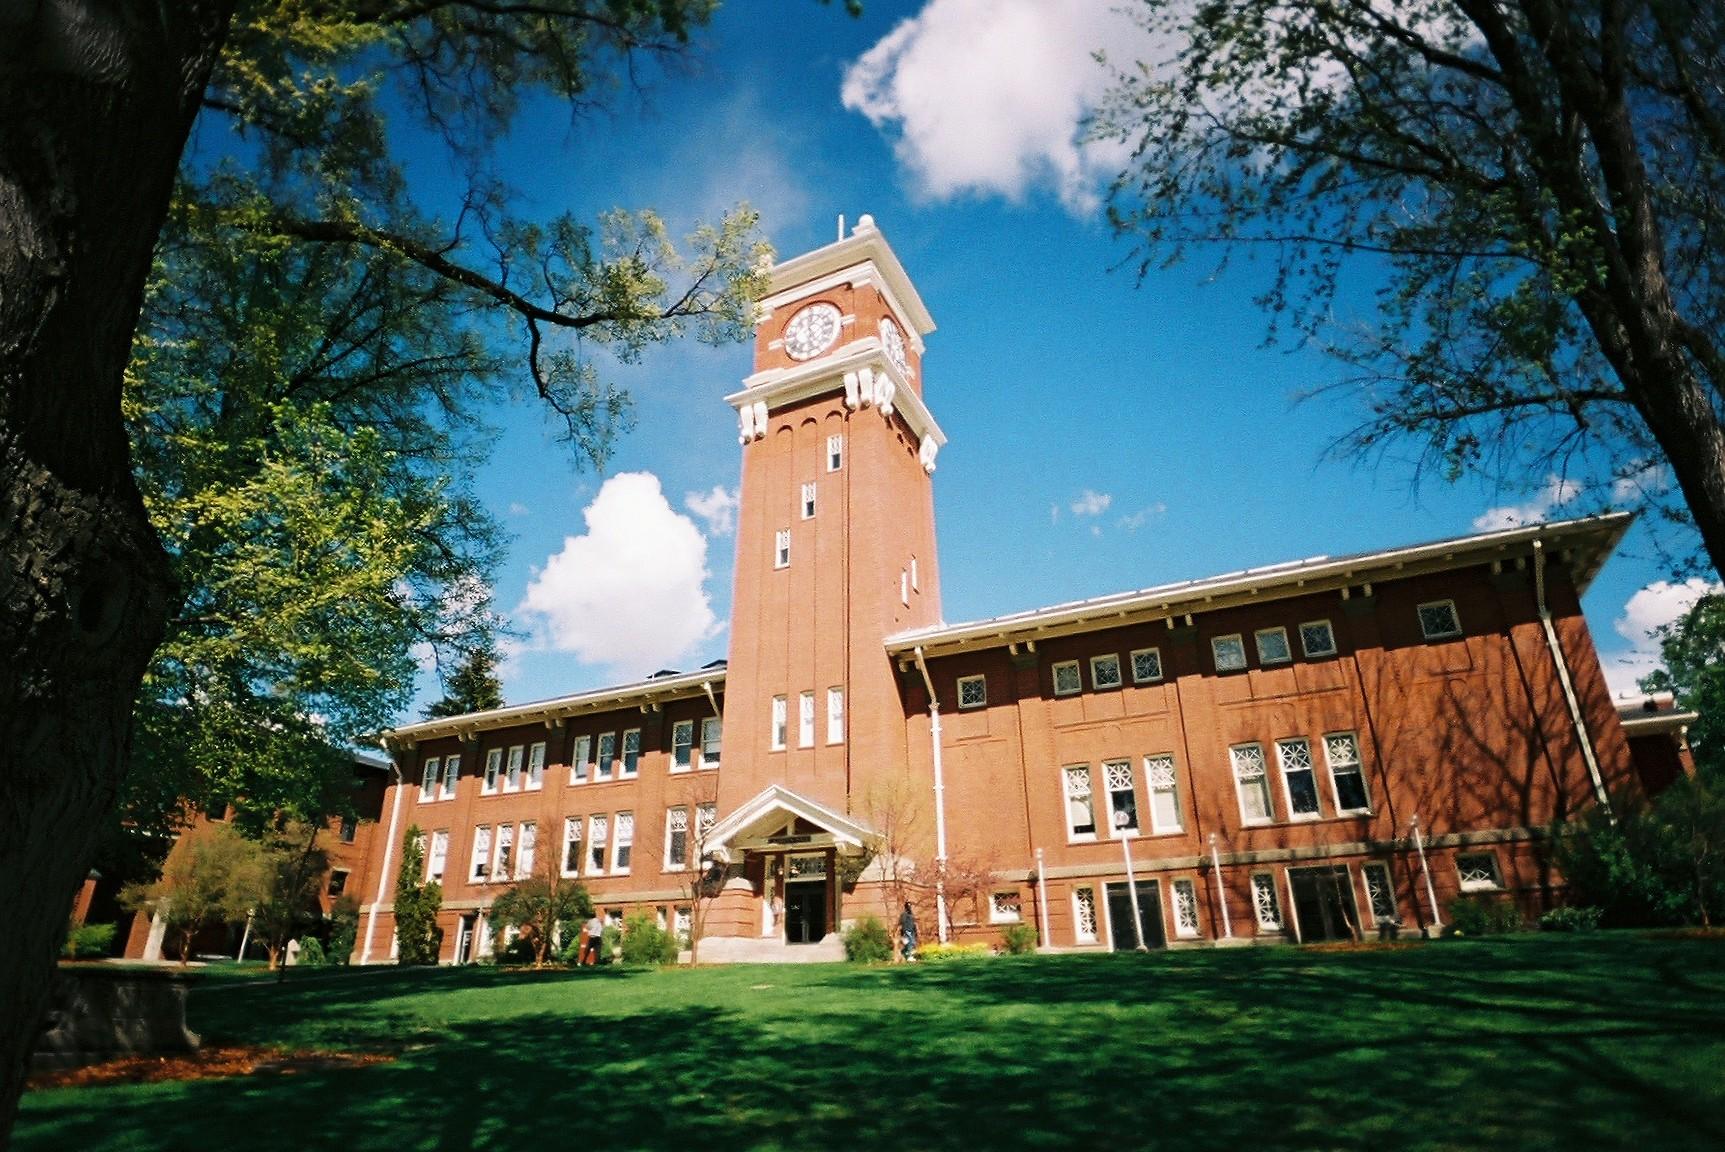 image of Washington State University